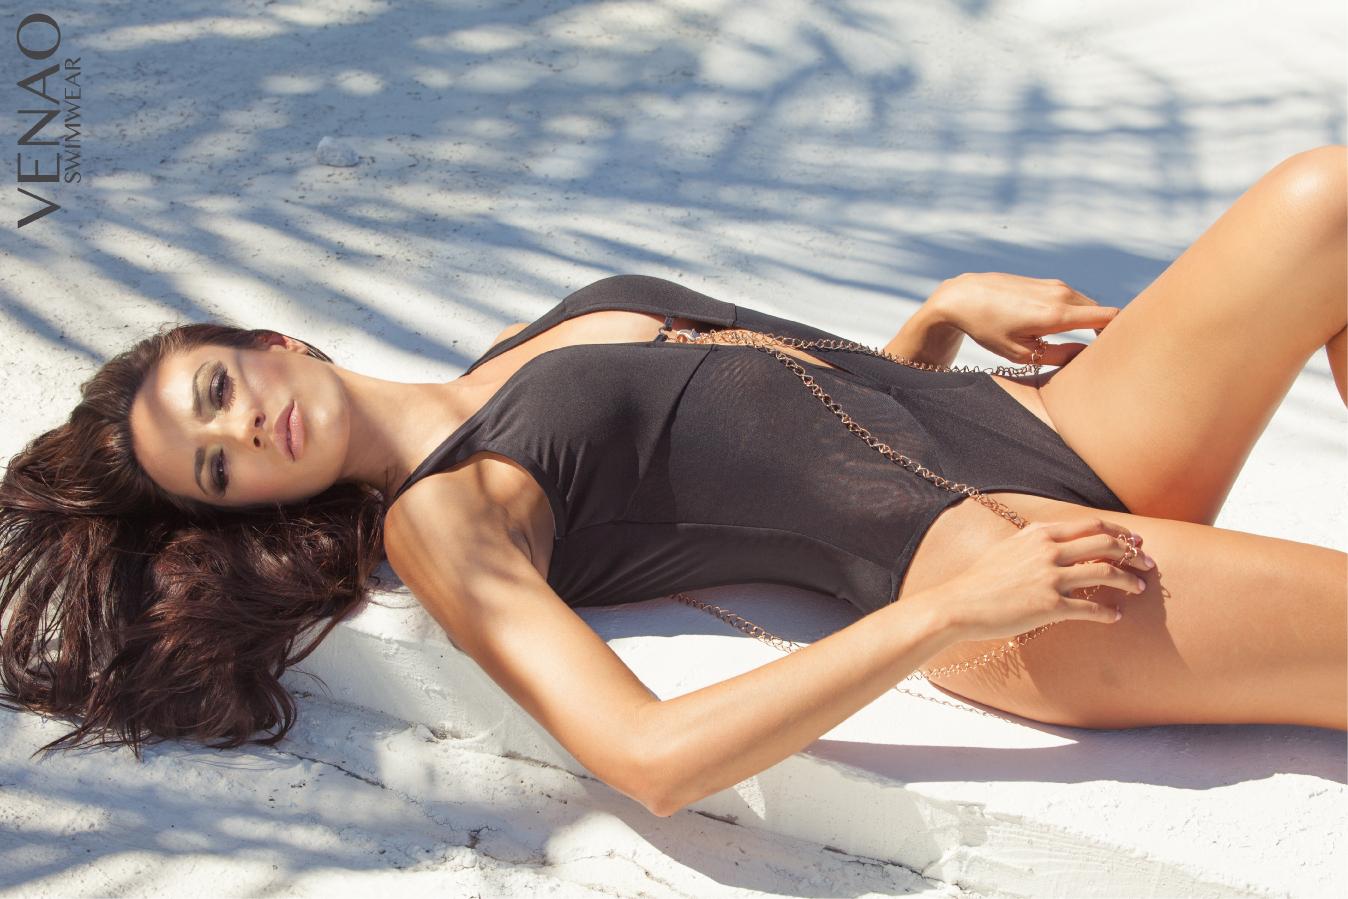 Cataliya One Piece bathingsuit